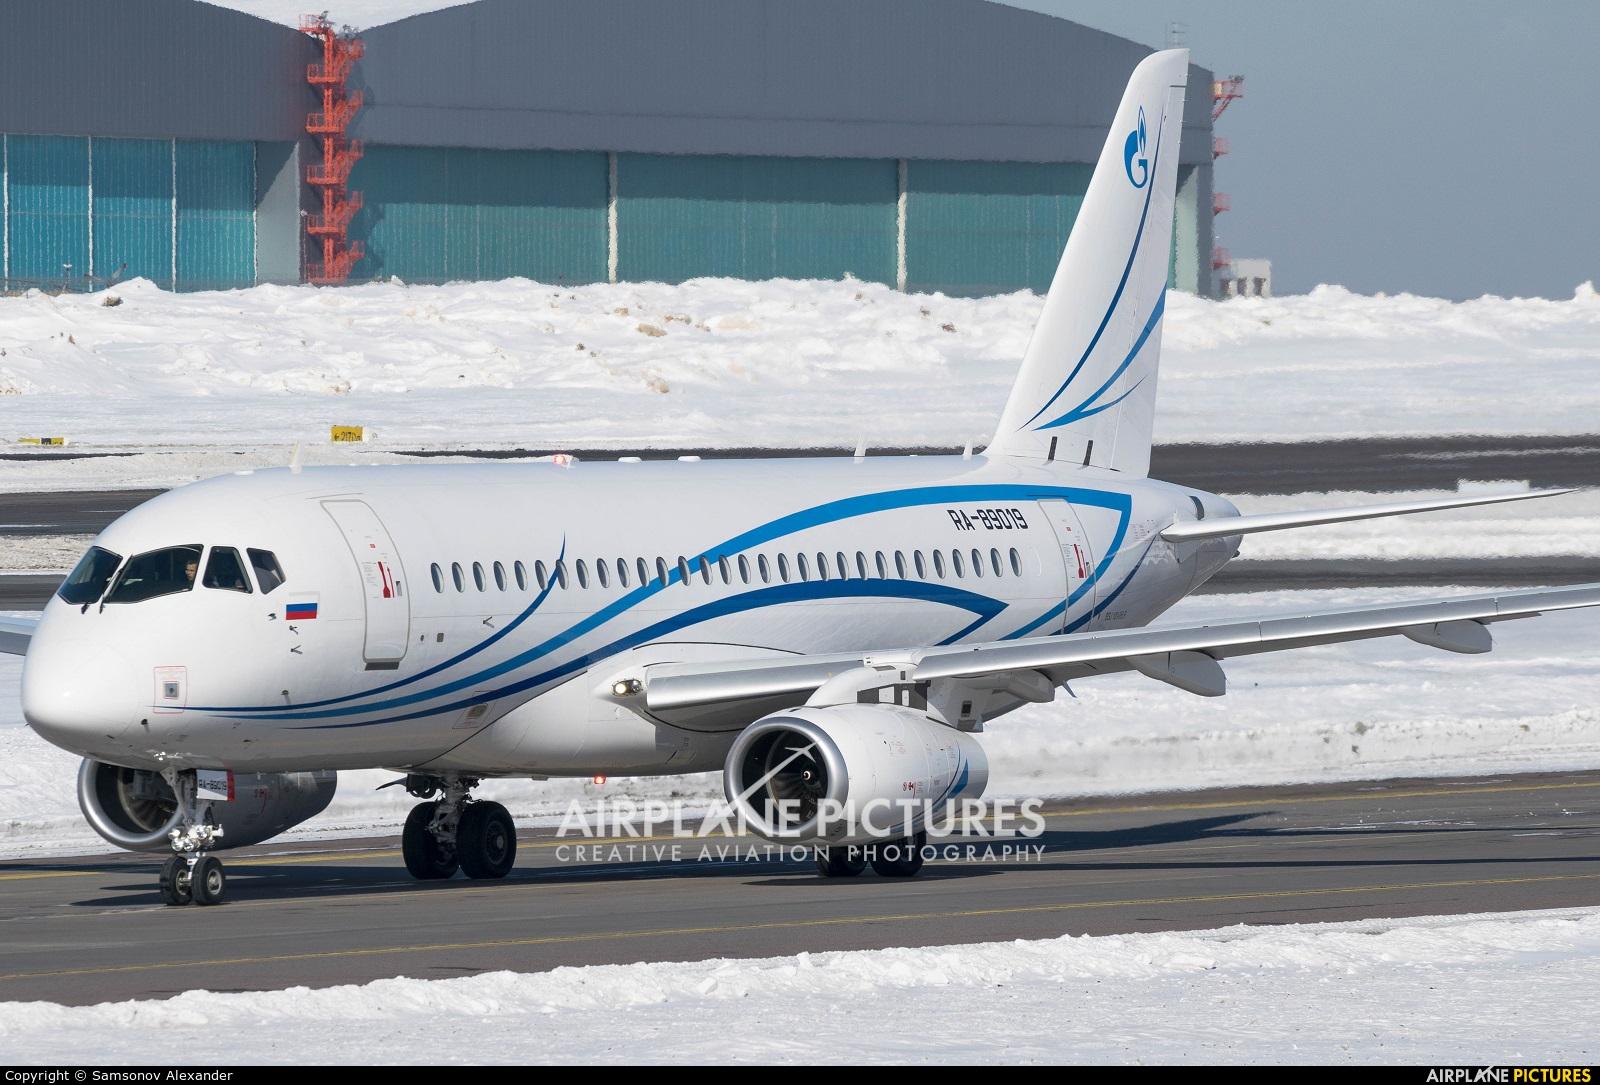 Gazpromavia RA-89019 aircraft at Moscow - Vnukovo